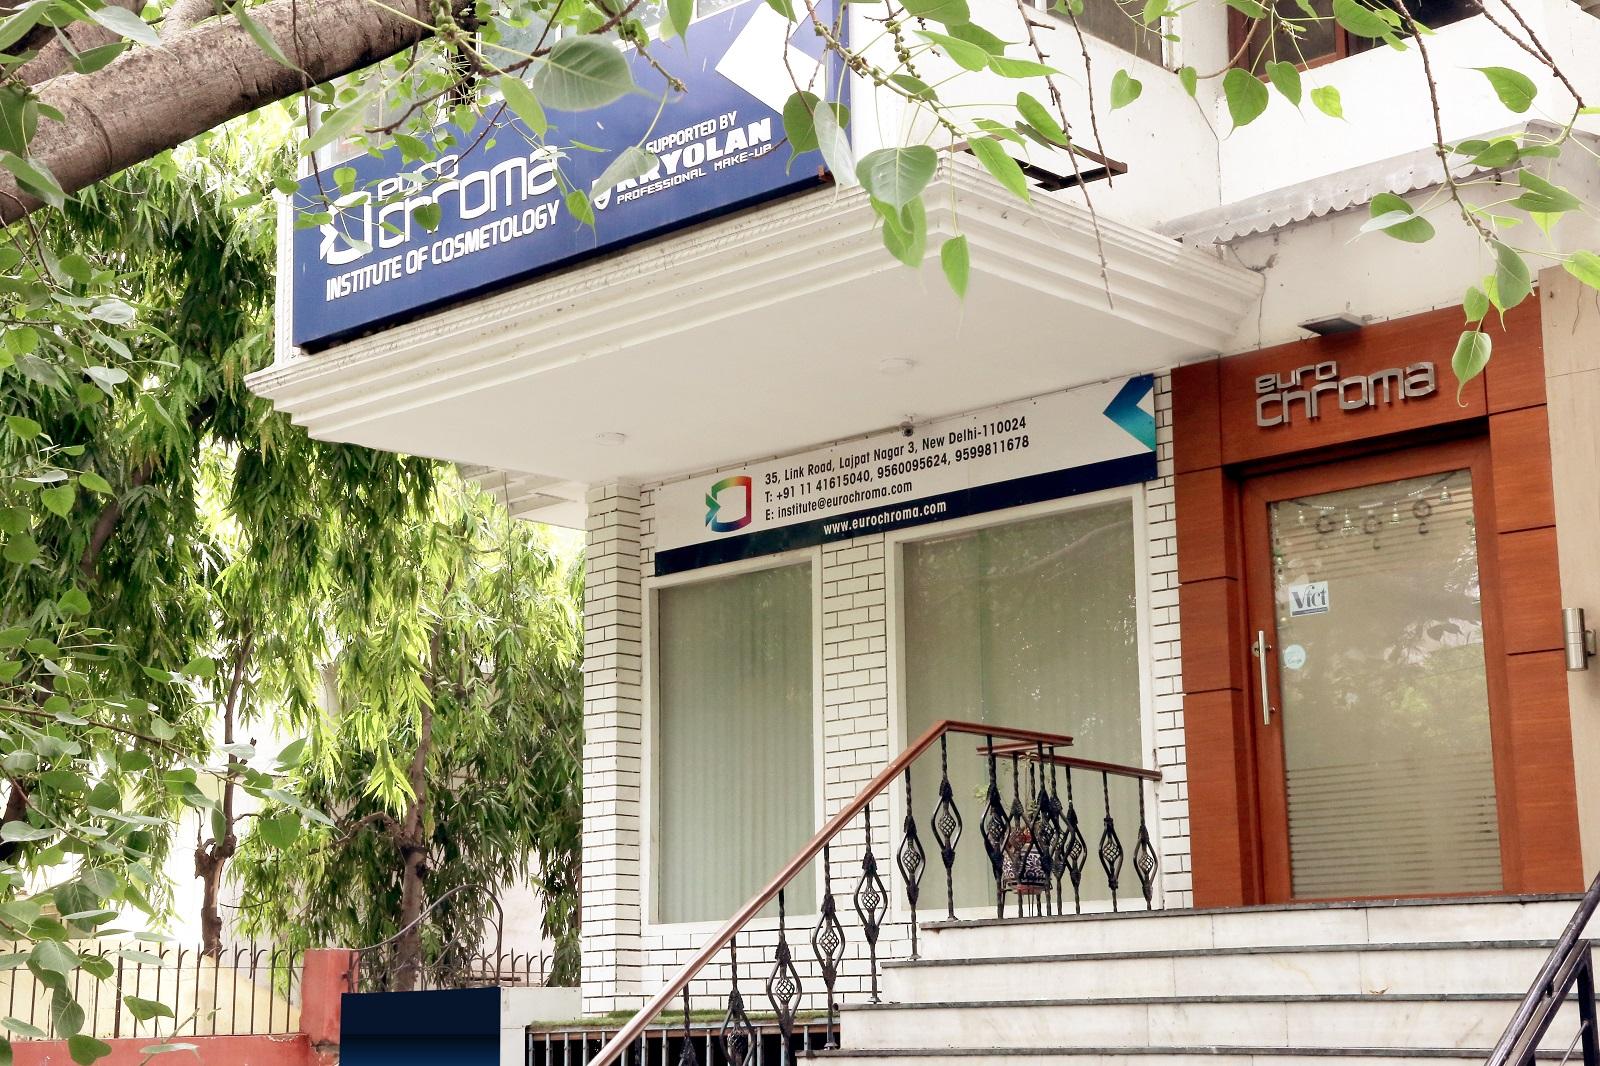 chroma-campus